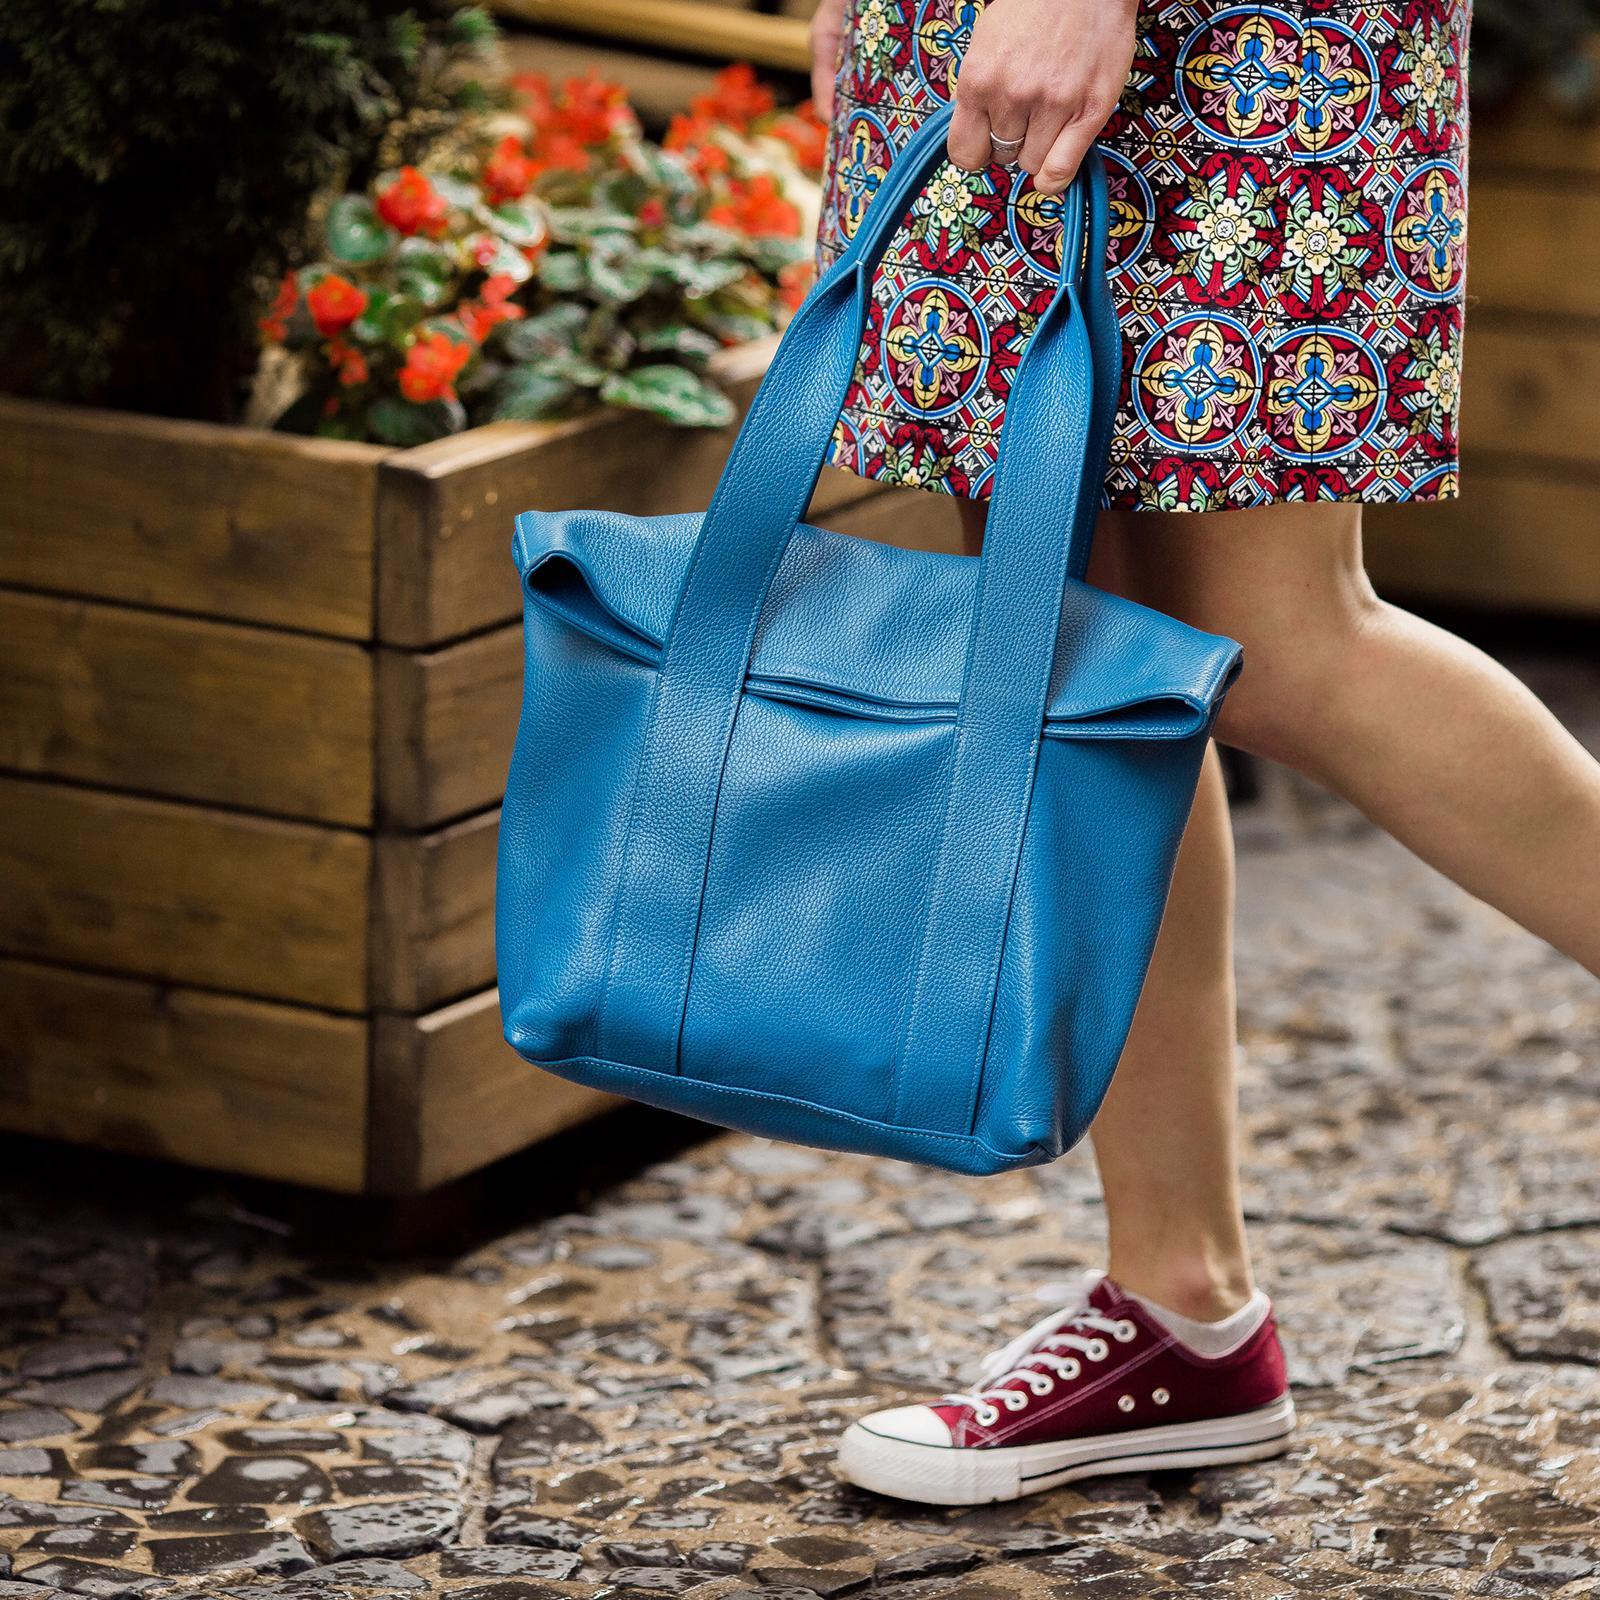 Фото: сумка велика шкіряна синя